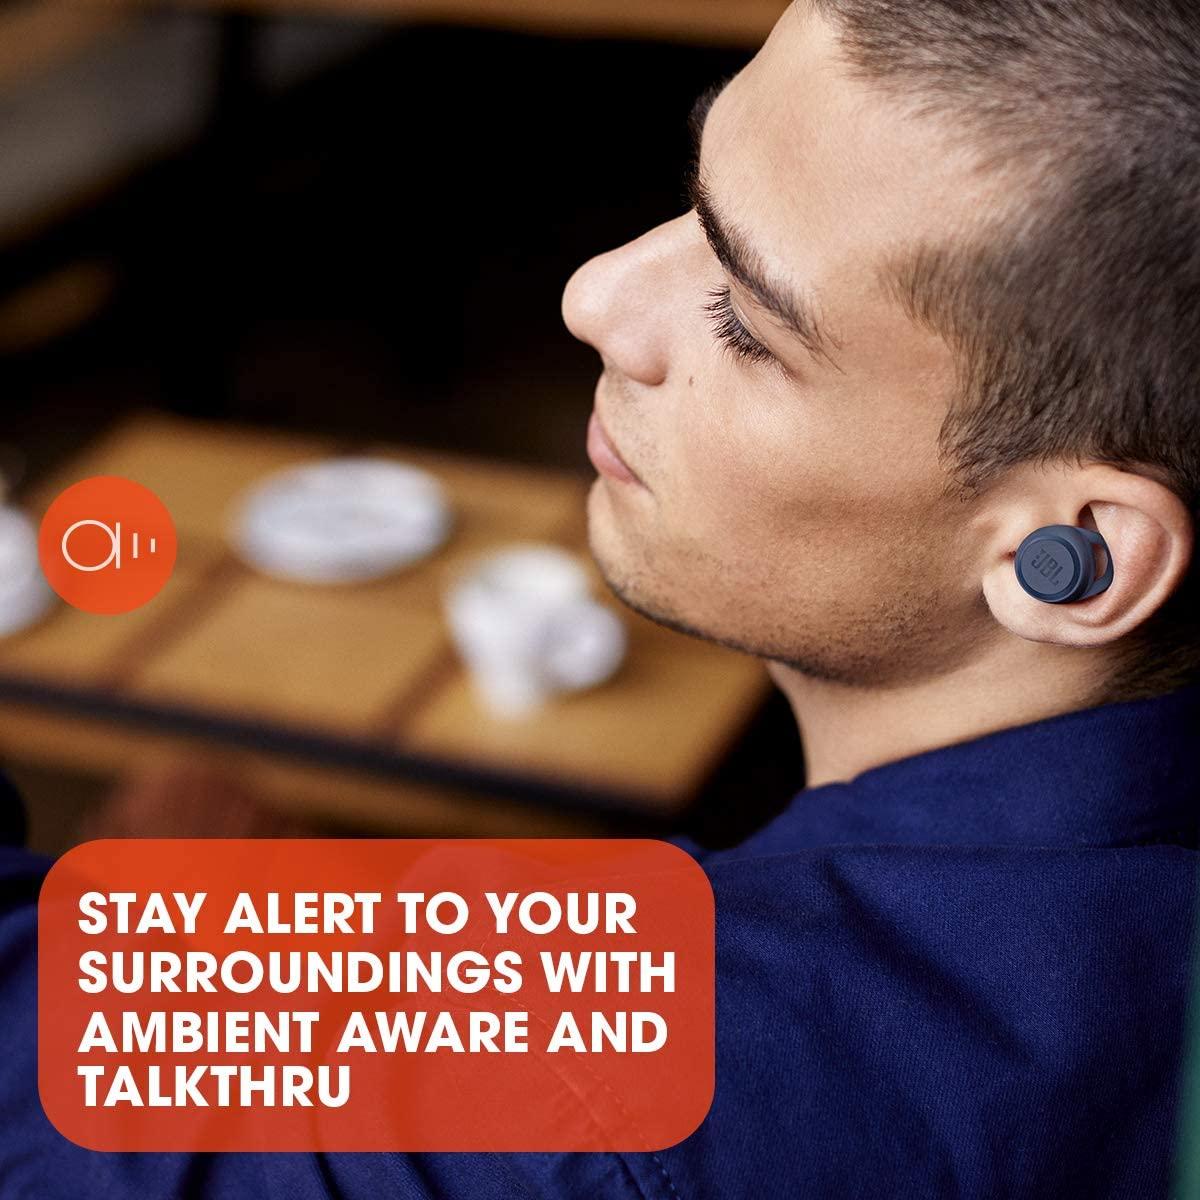 JBL LIVE 300 Tanzania, Premium True Wireless Headphone, Blue